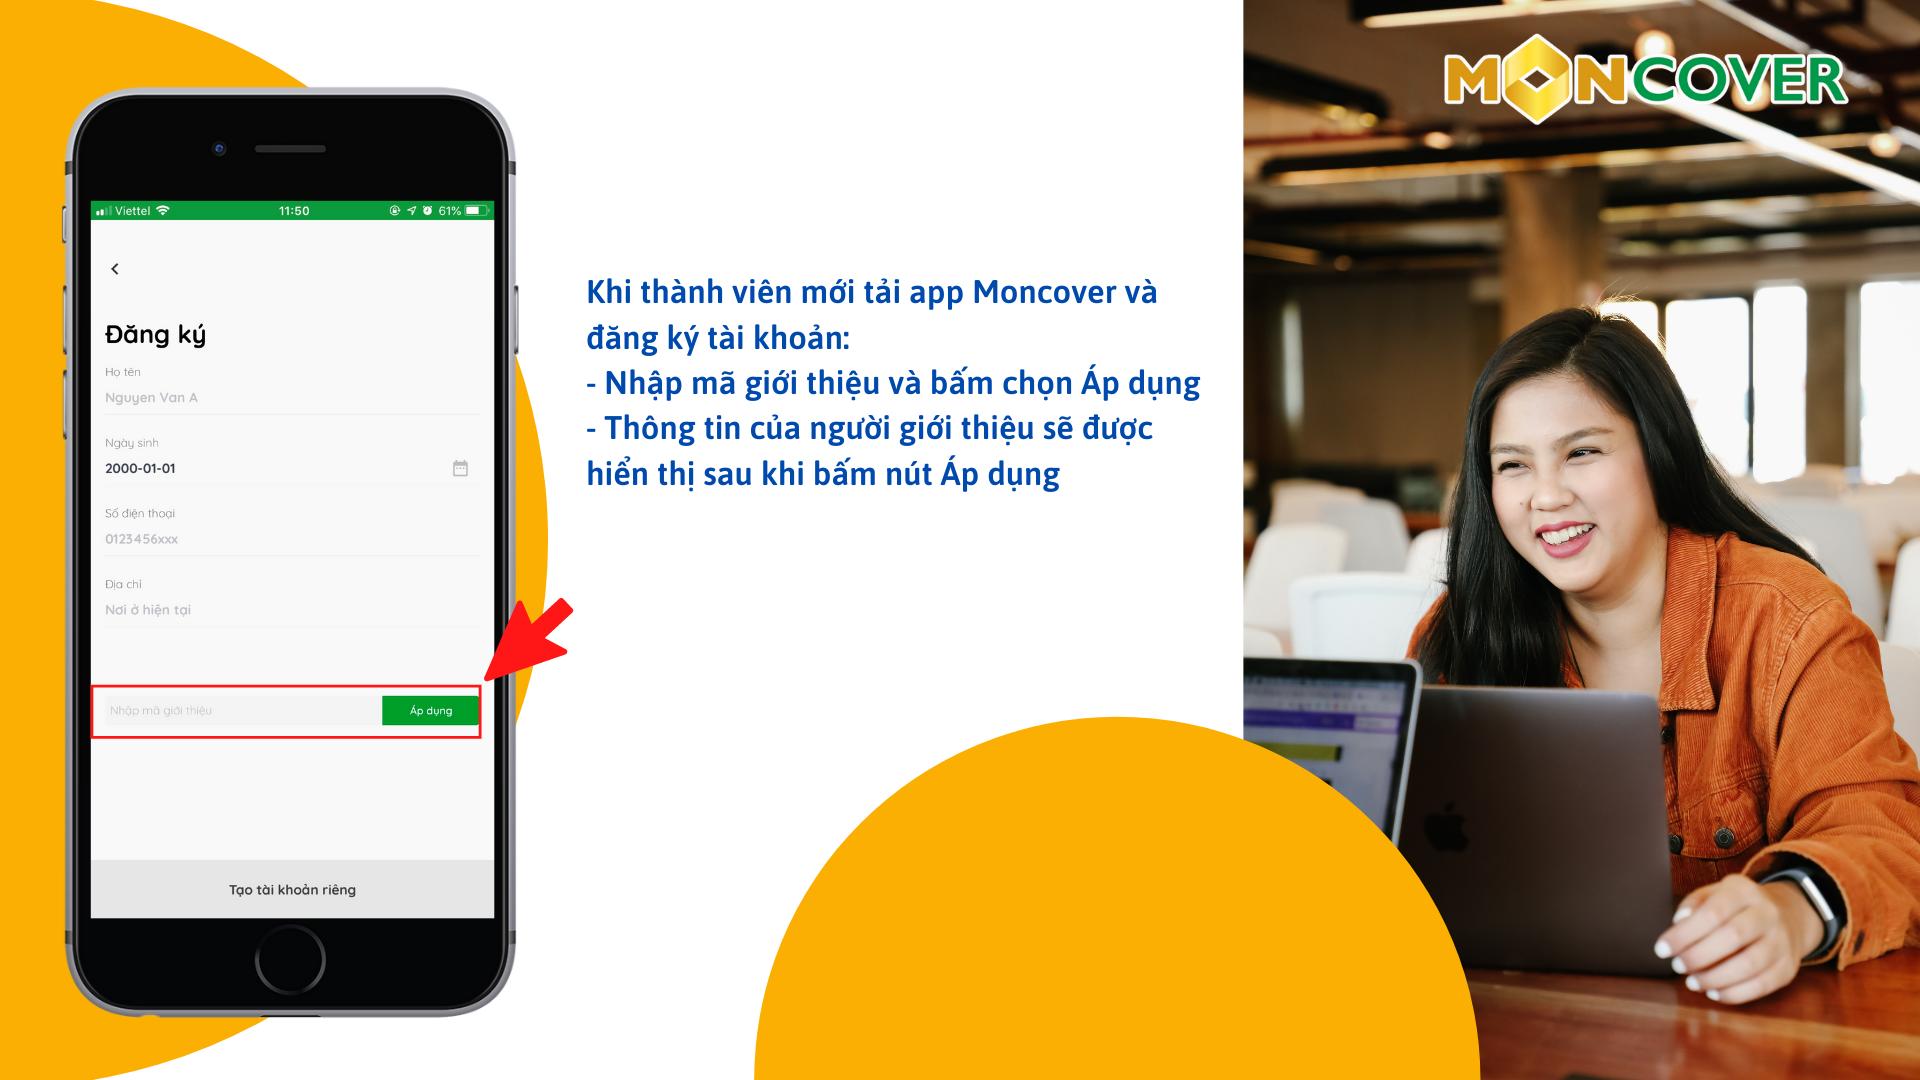 Tính năng giới thiệu trên app Moncover